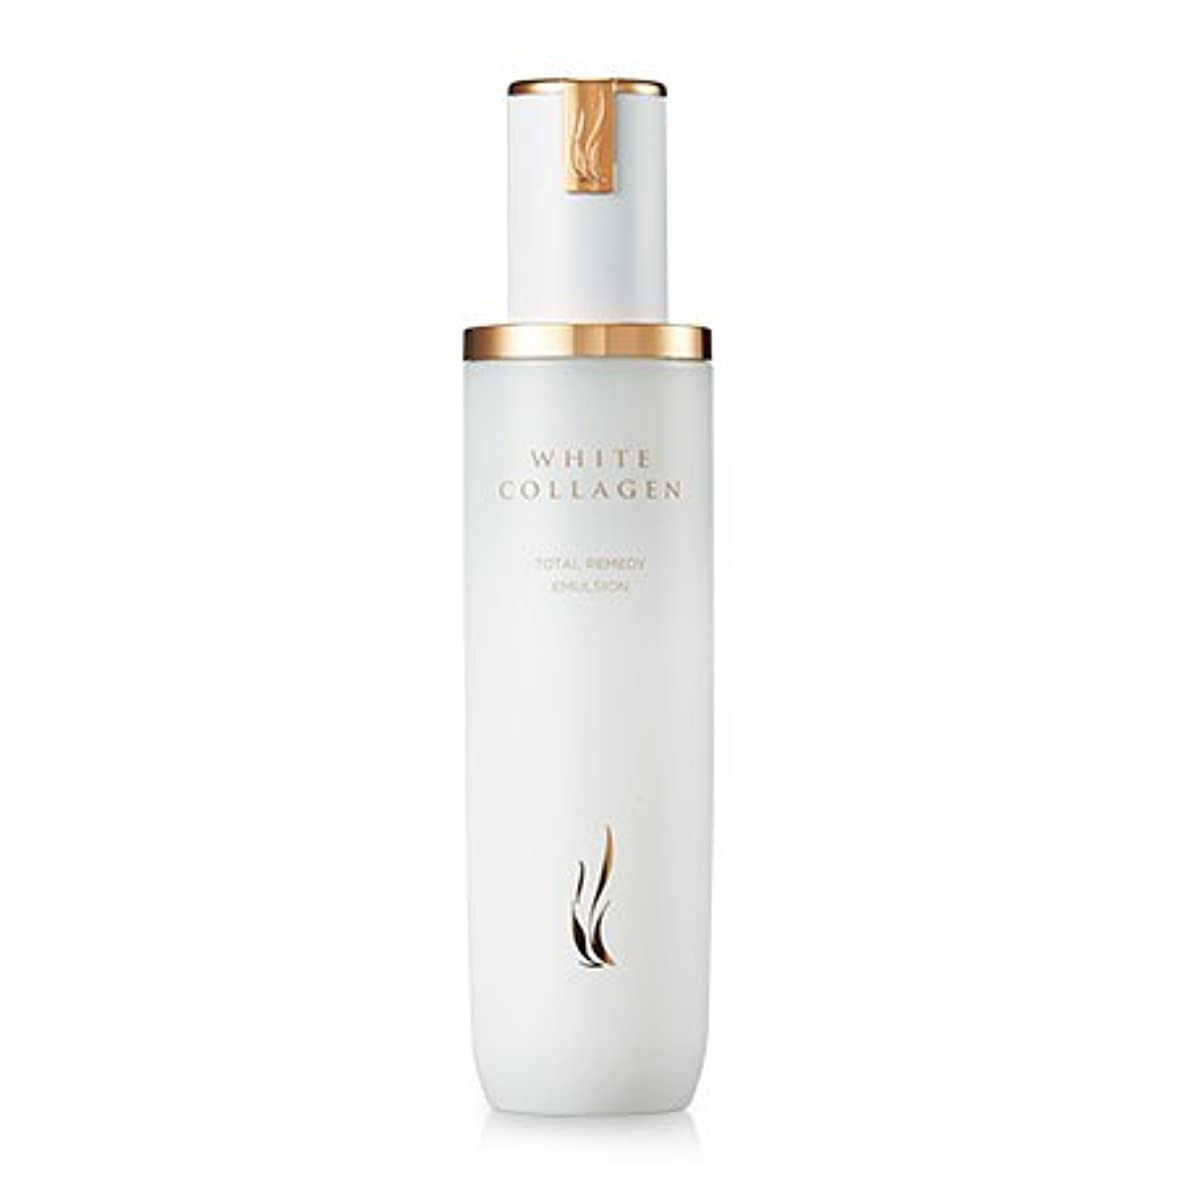 チャットユーモア特定の[New] A.H.C (AHC) White Collagen Total Remedy Emulsion 130ml/A.H.C ホワイト コラーゲン トータル レミディ エマルジョン 130ml [並行輸入品]